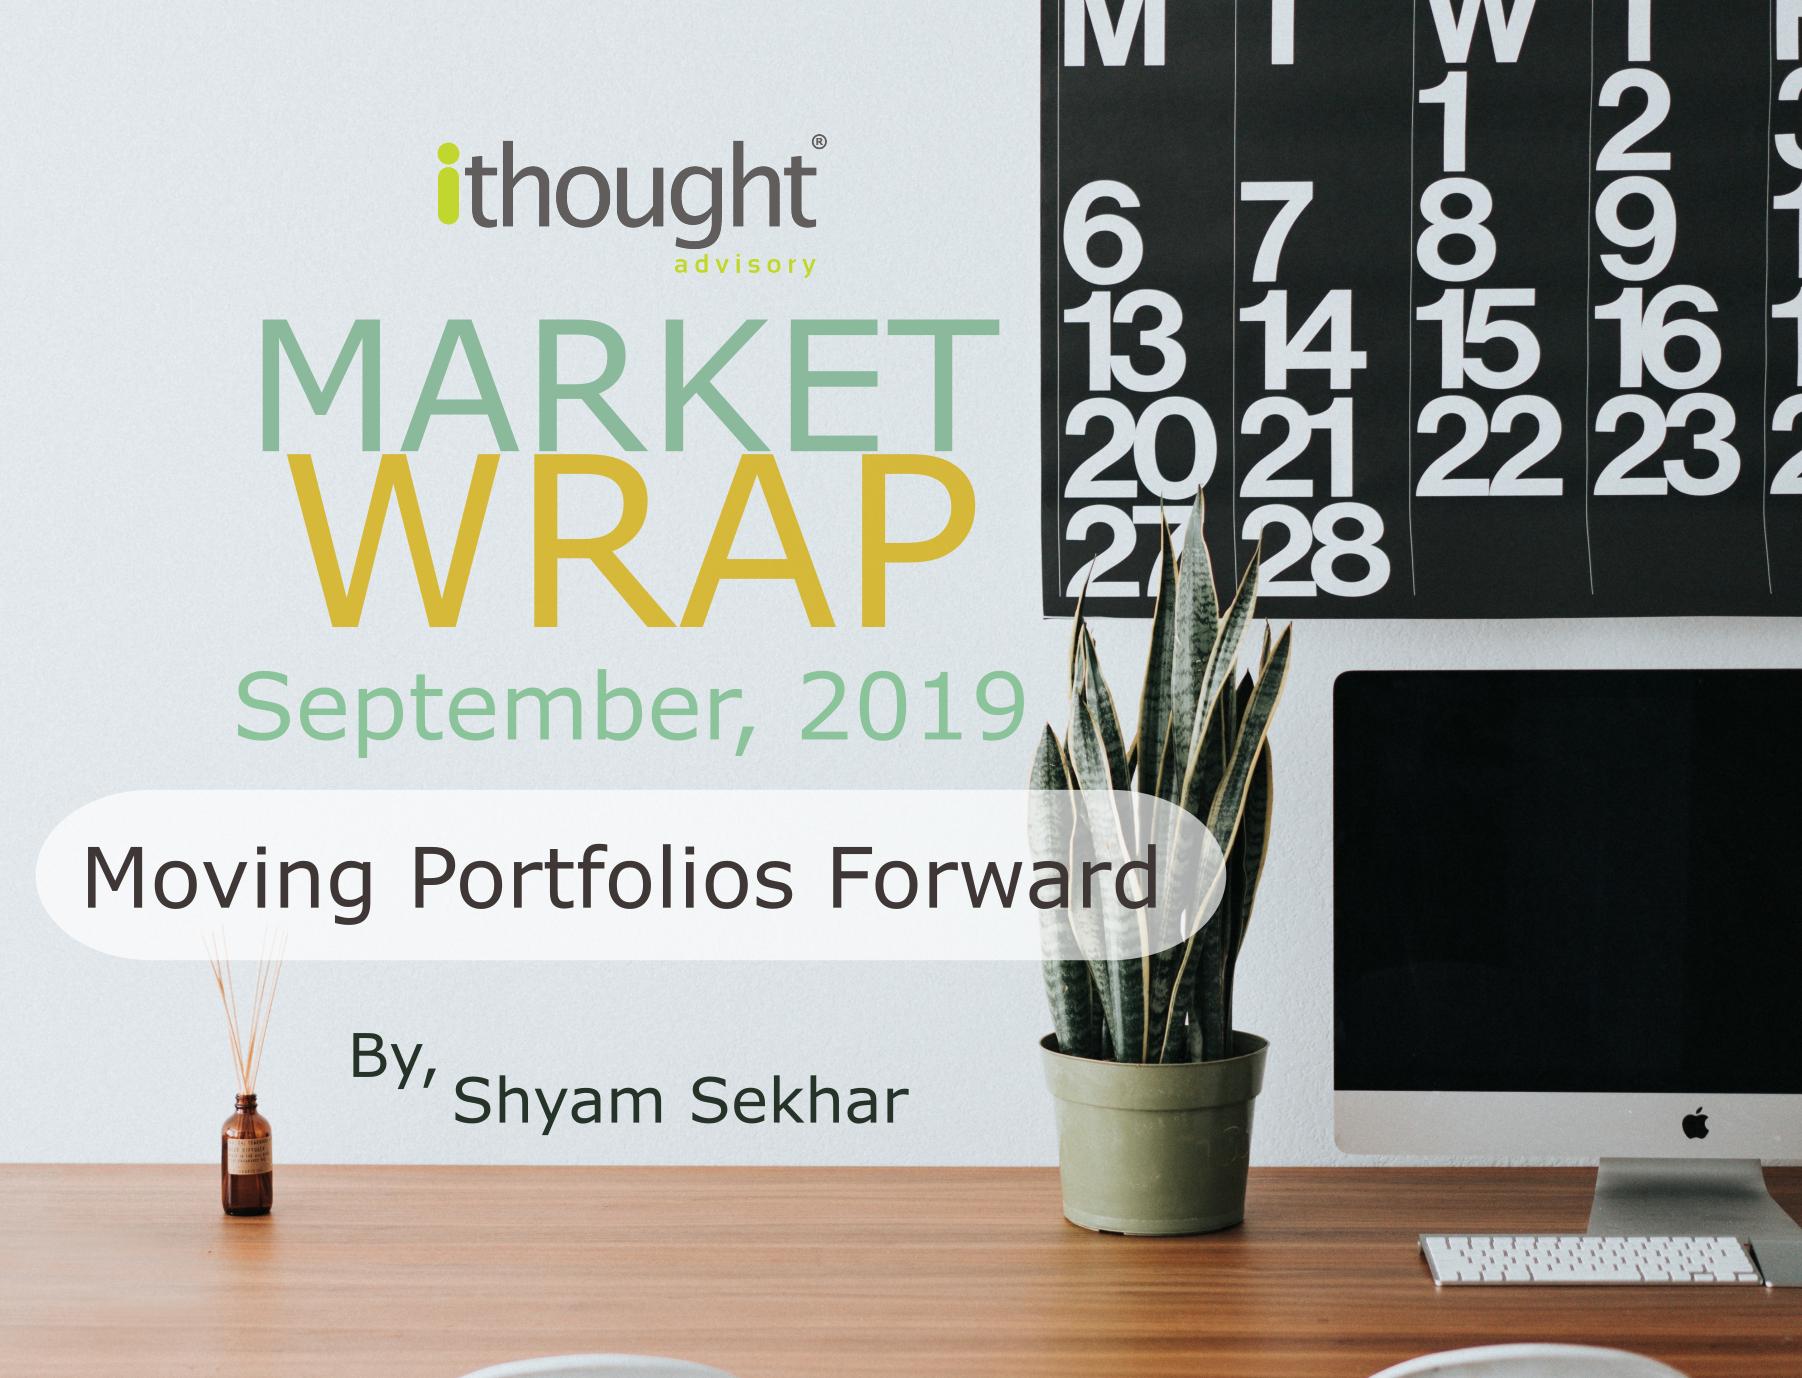 moving-portfolios-forward-ithought-shyam-sekhar